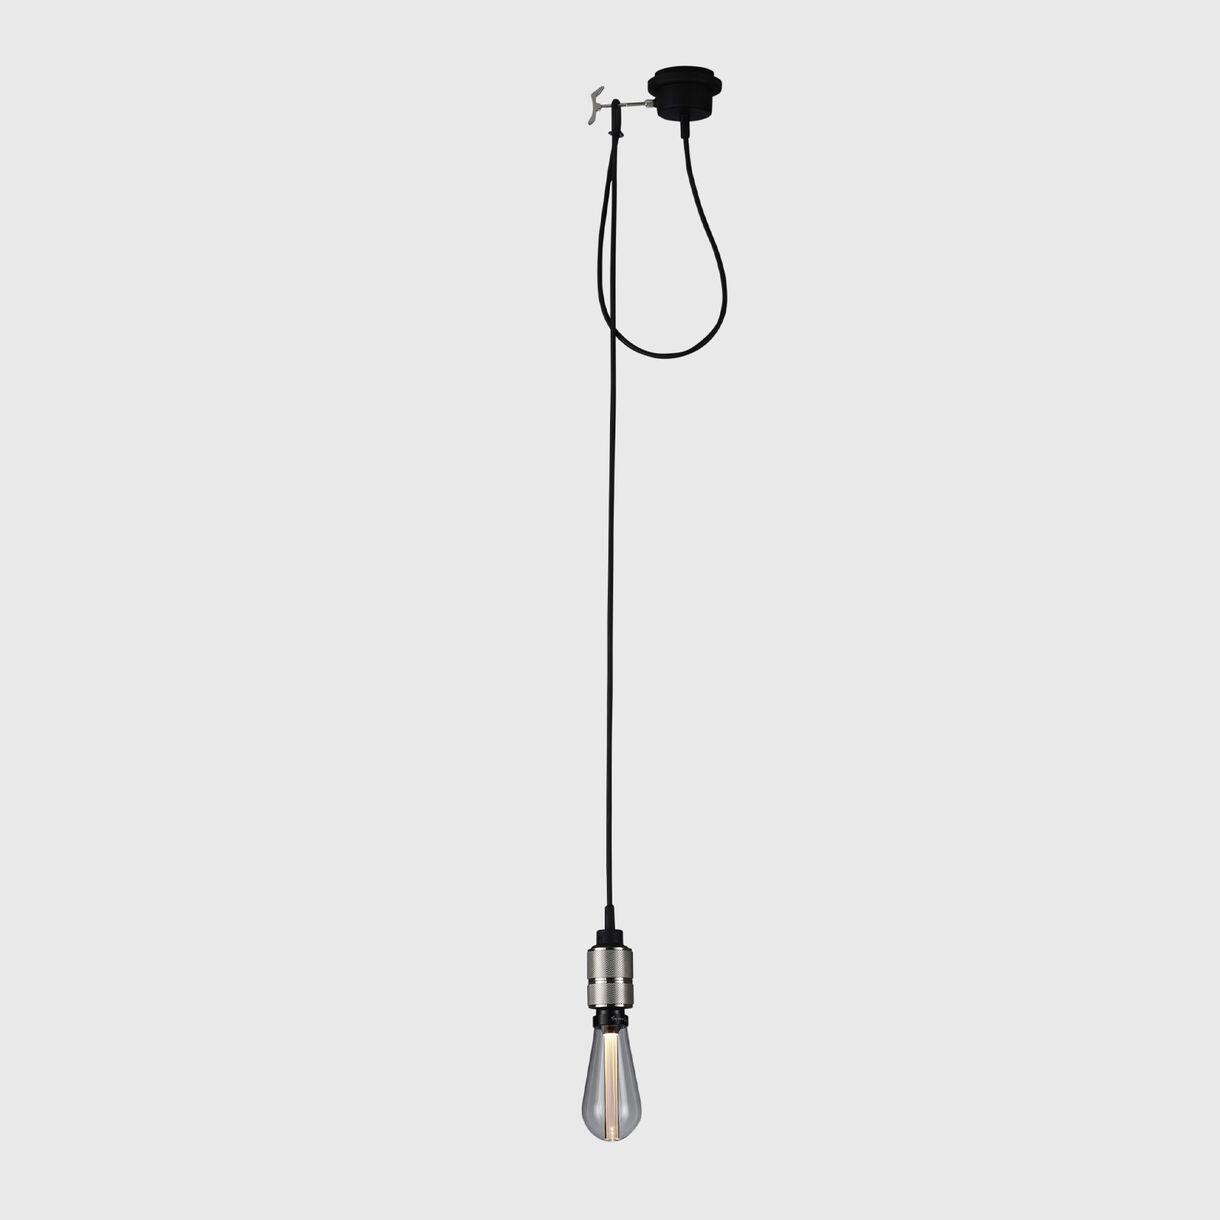 Hooked Pendant, Steel, Crystal Bulb